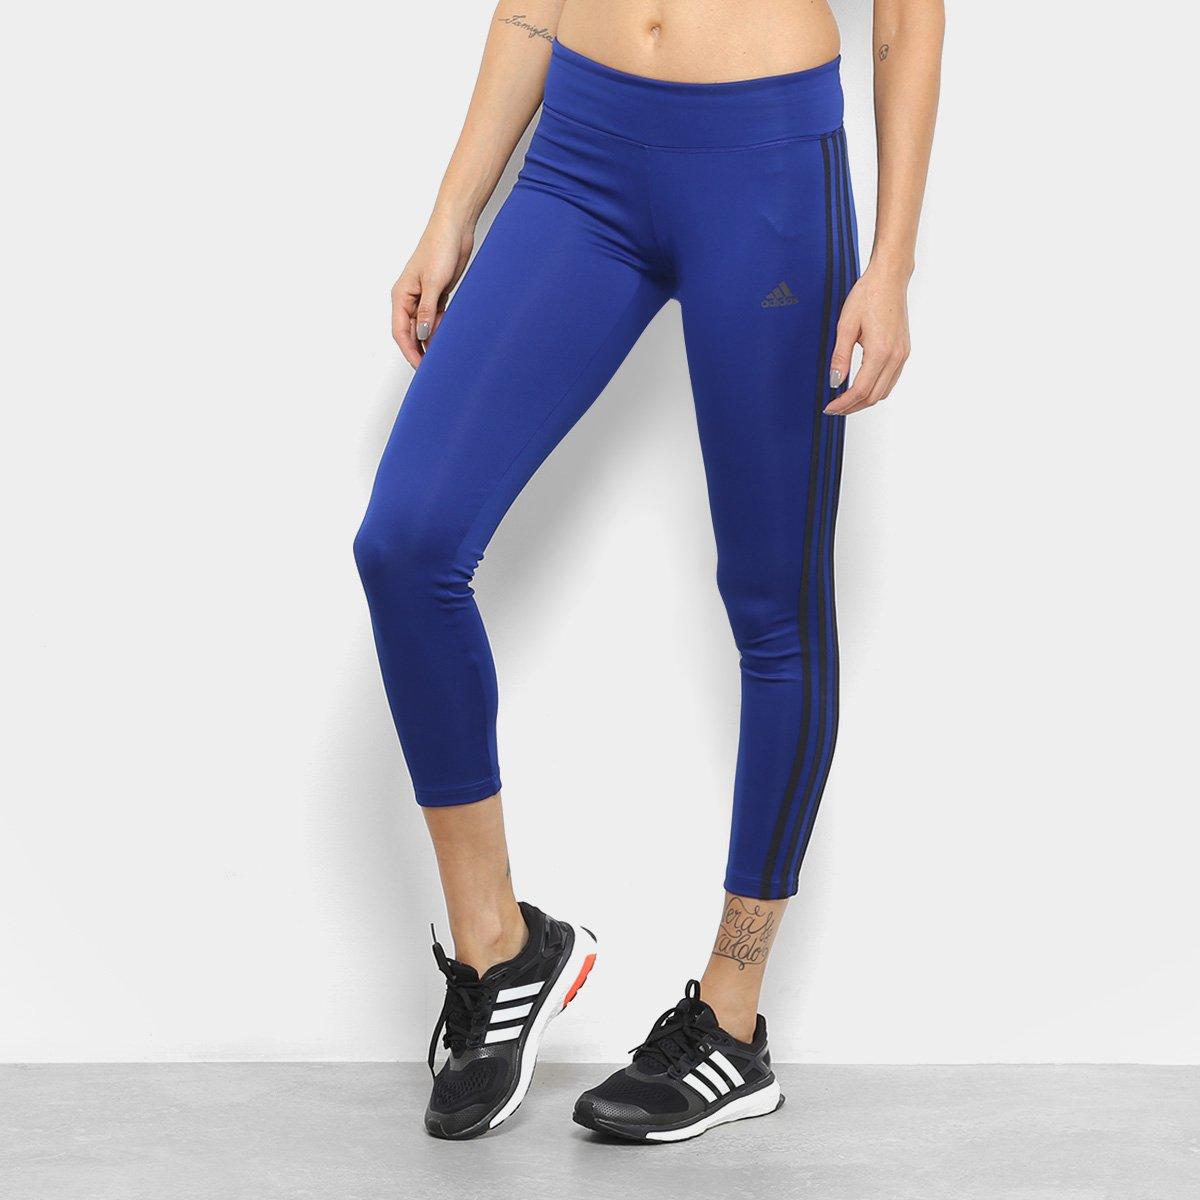 9c447faf911 Calça Legging Adidas Designed 2 Move Feminina - Azul e Preto - Compre Agora